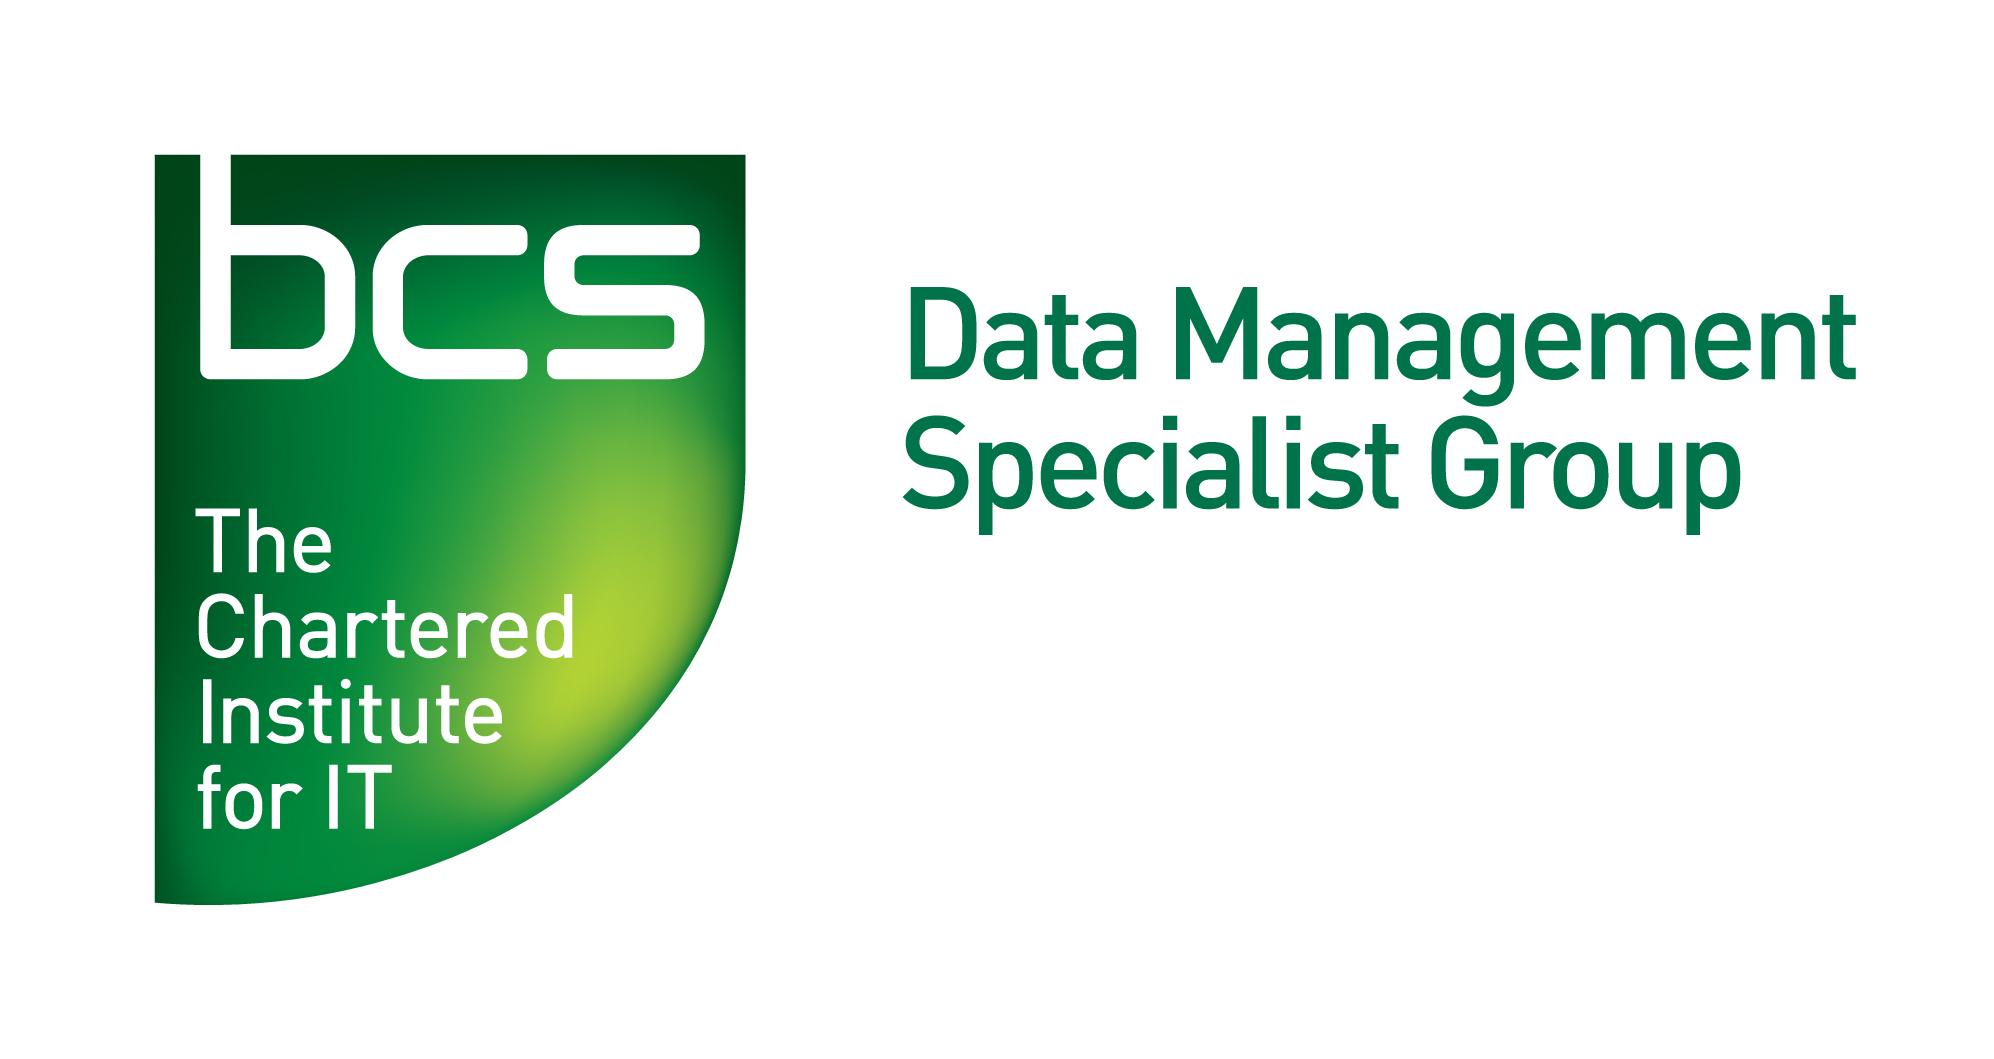 DMSG logo